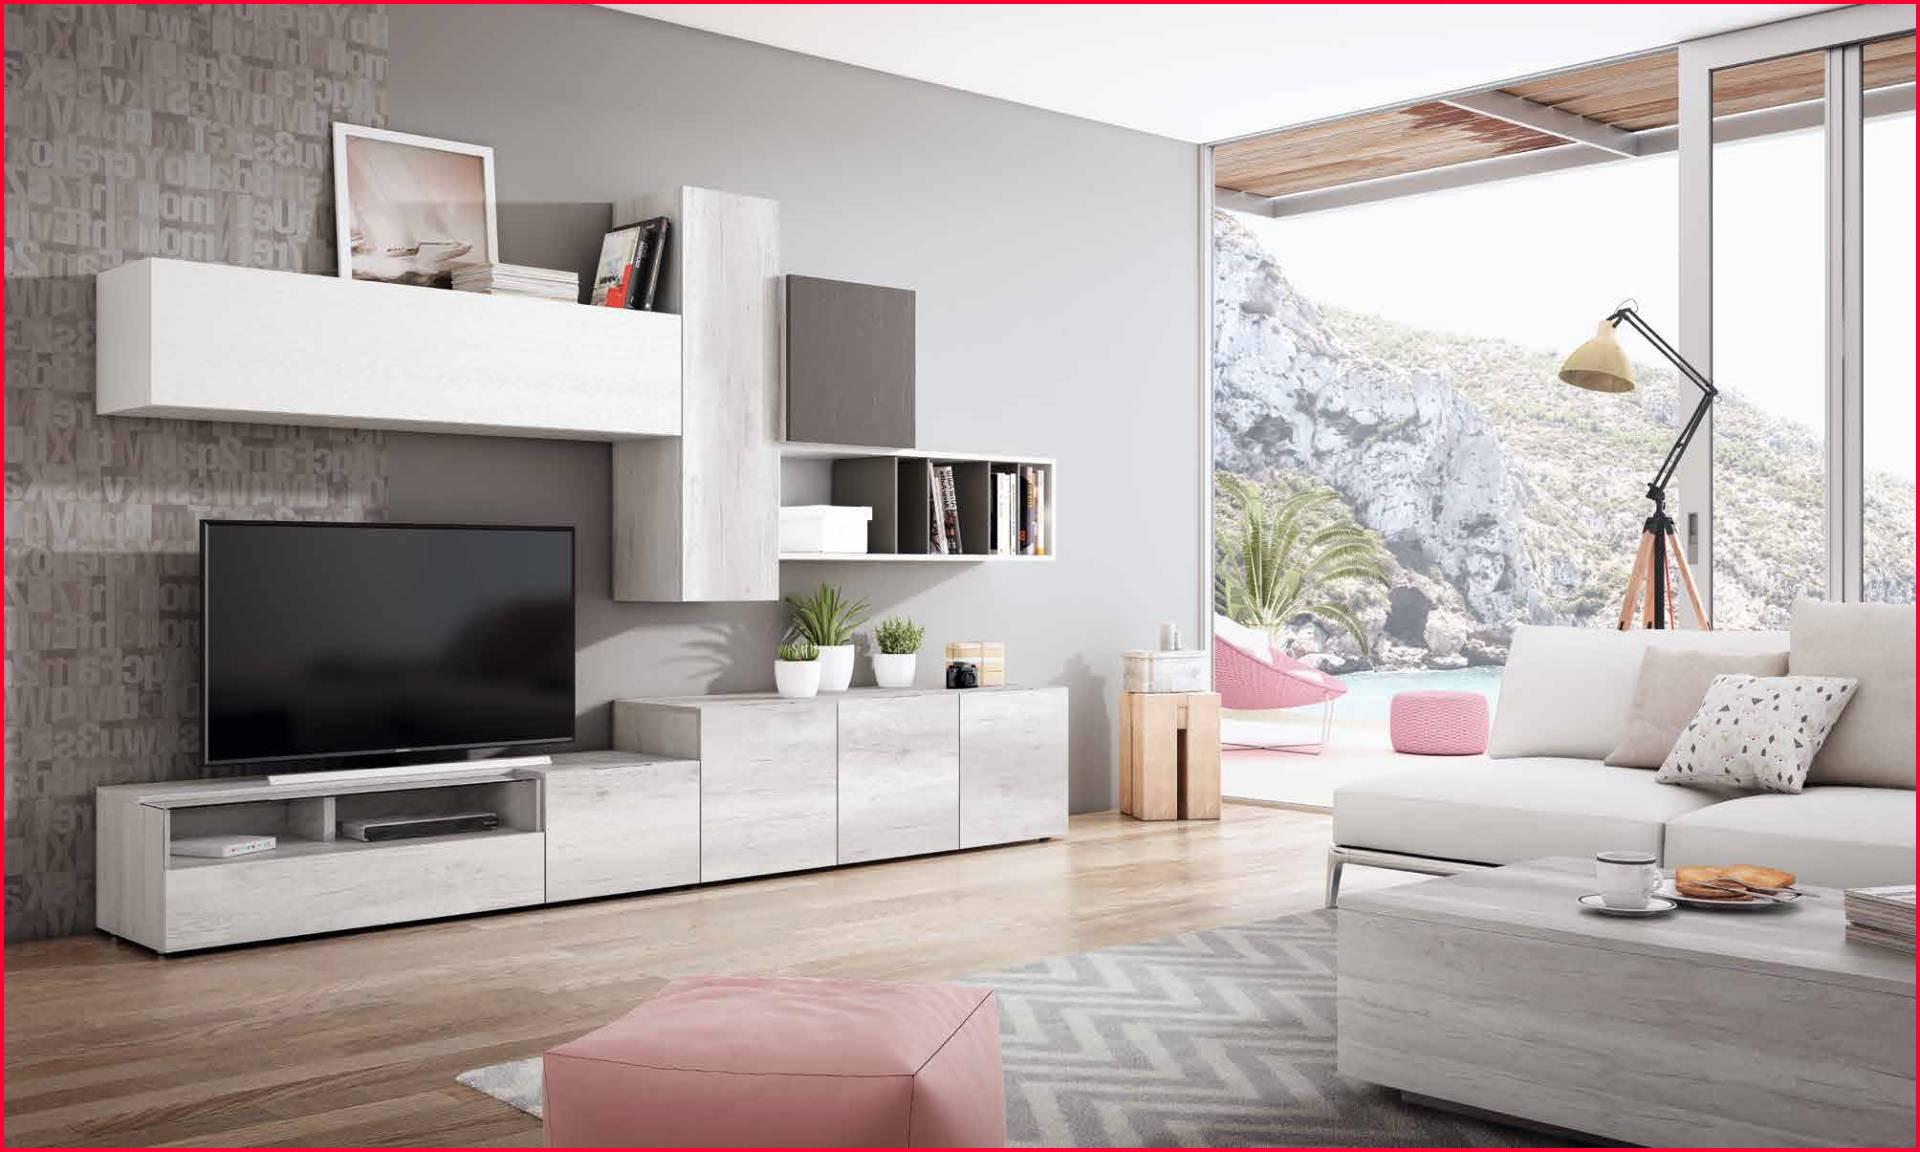 Tiendas De Muebles Granada Bqdd Lo Mejor De Tiendas De Muebles Granada Imagen De Muebles Accesorios